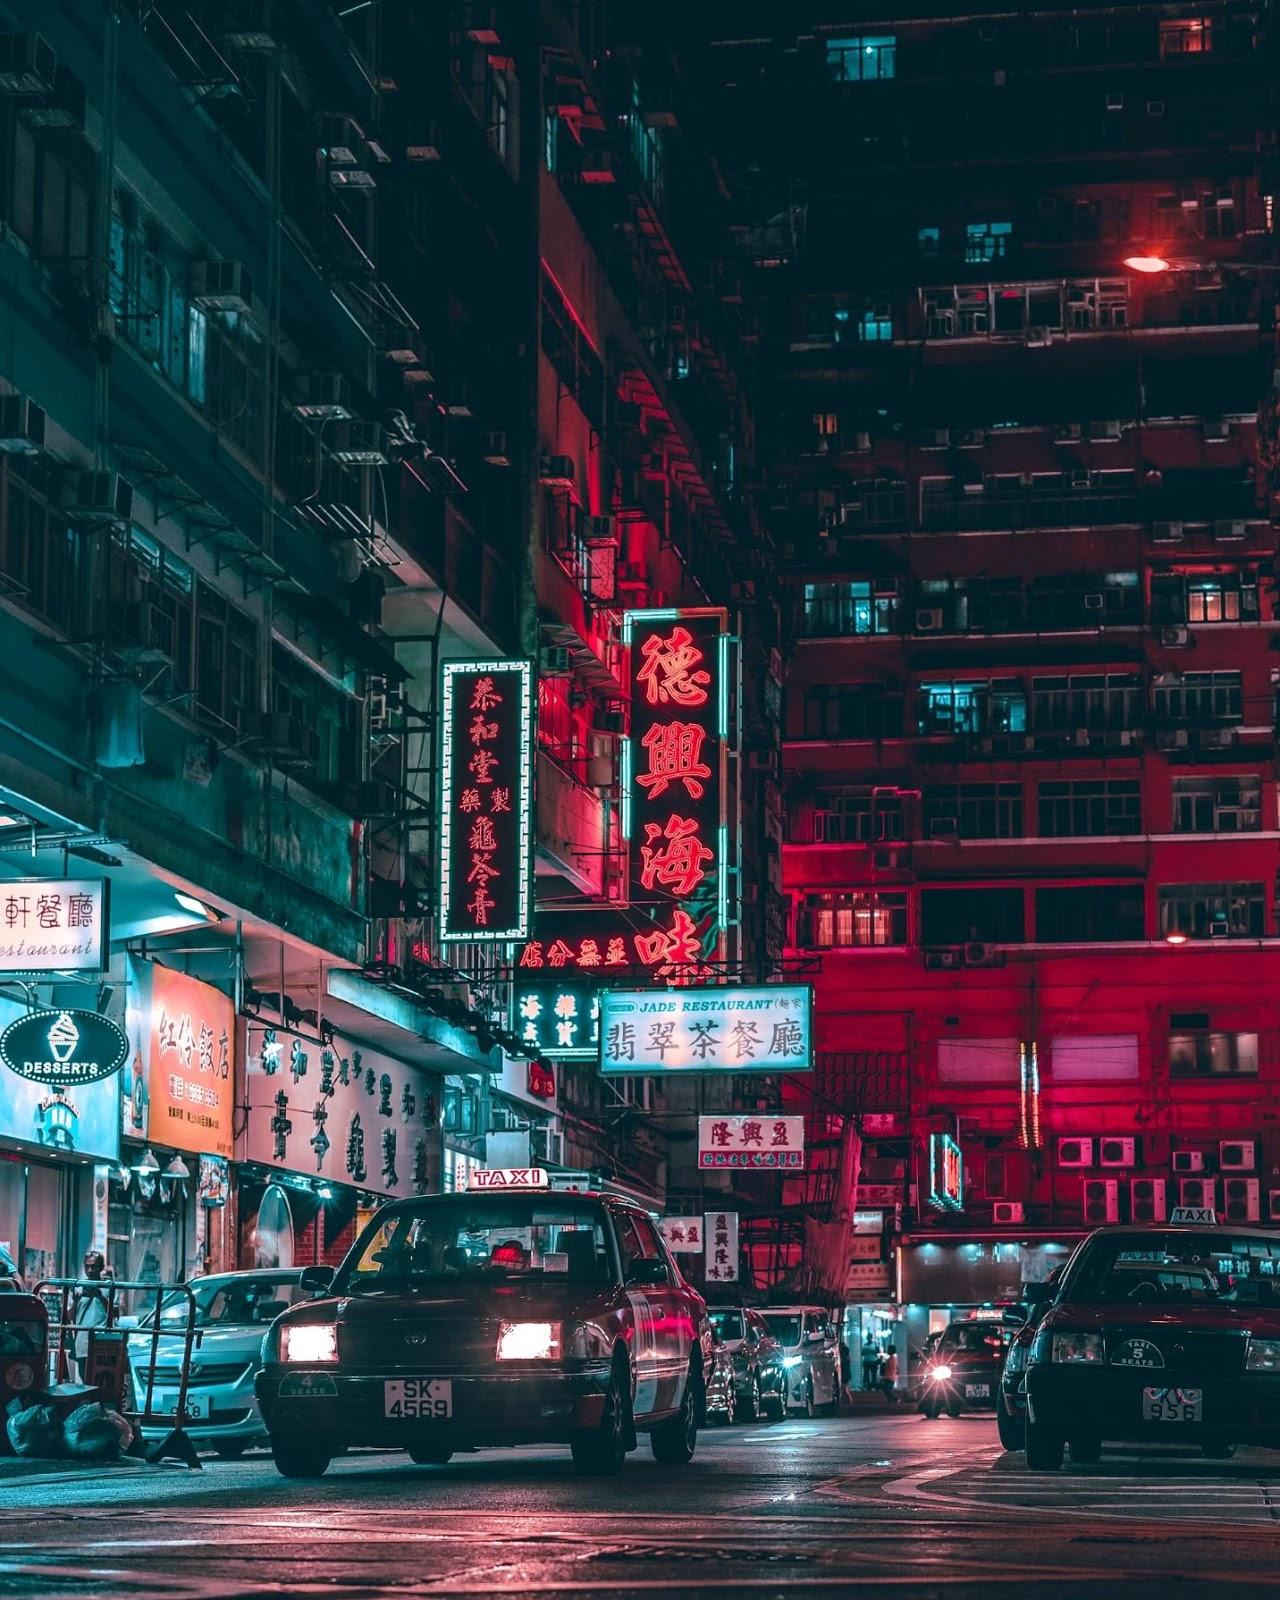 Hong Kong, China – The Dark Knight